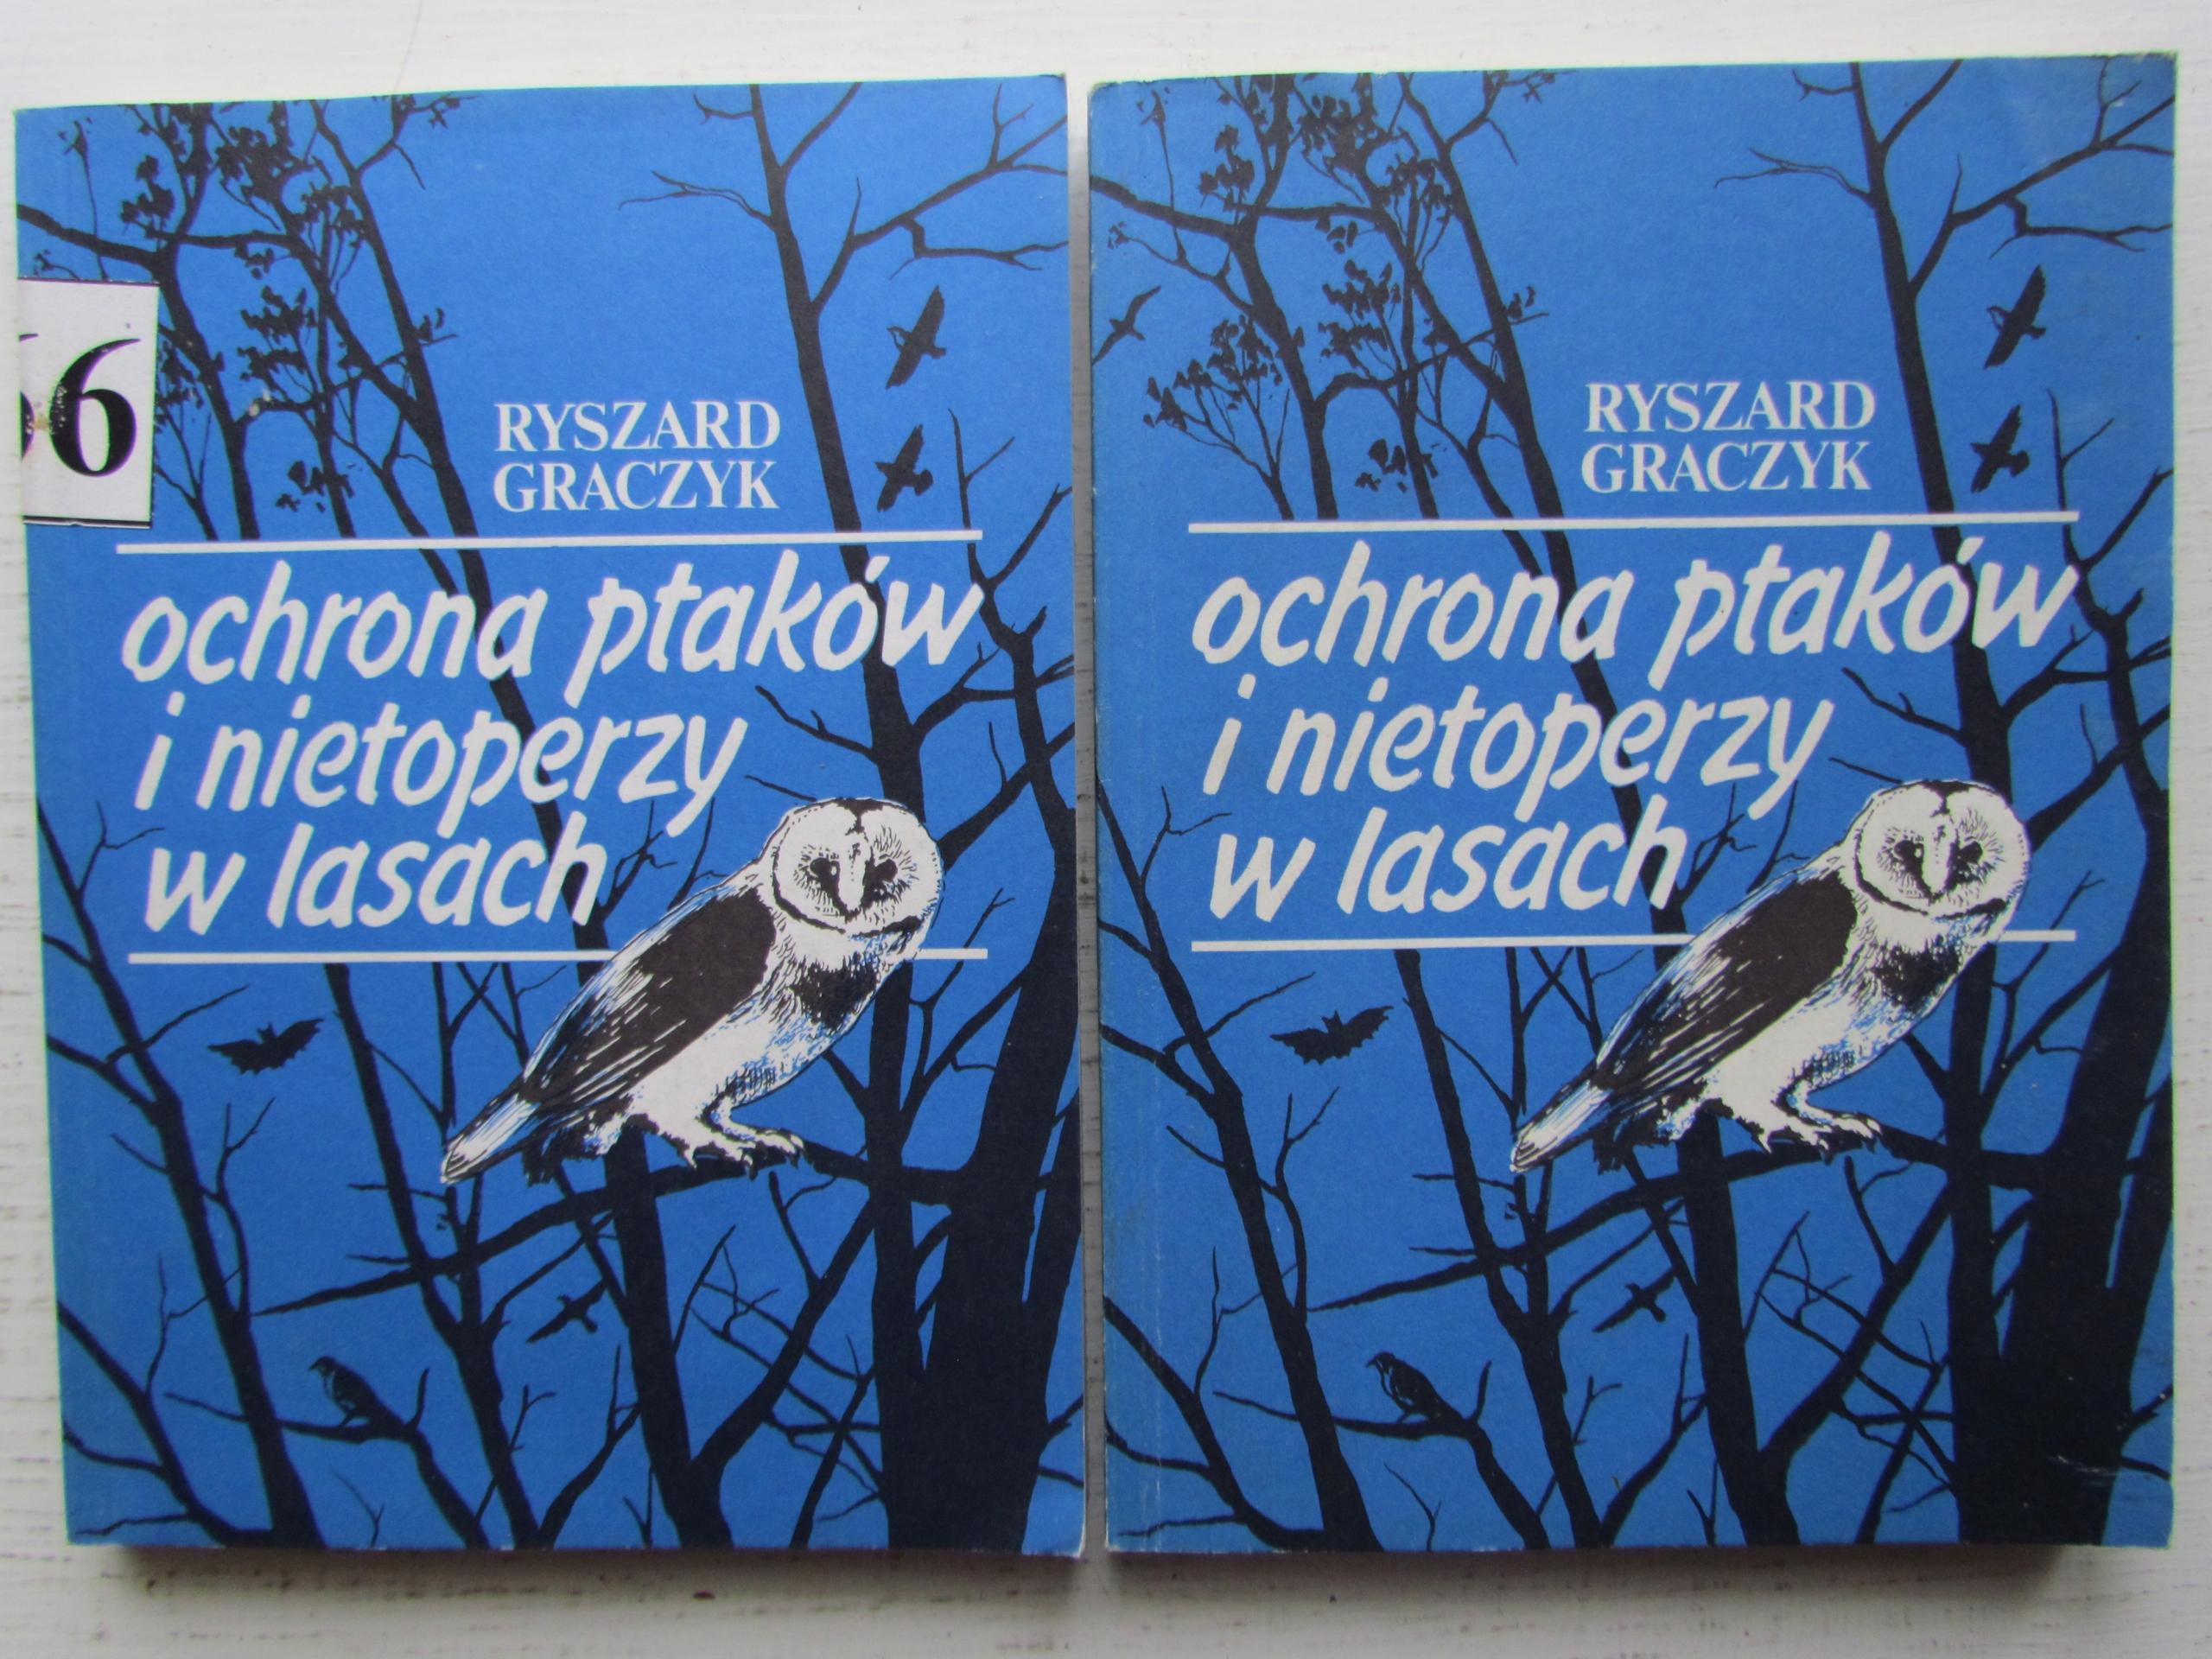 Ochrona ptaków i nietoperzy w lasach __ R. Graczyk